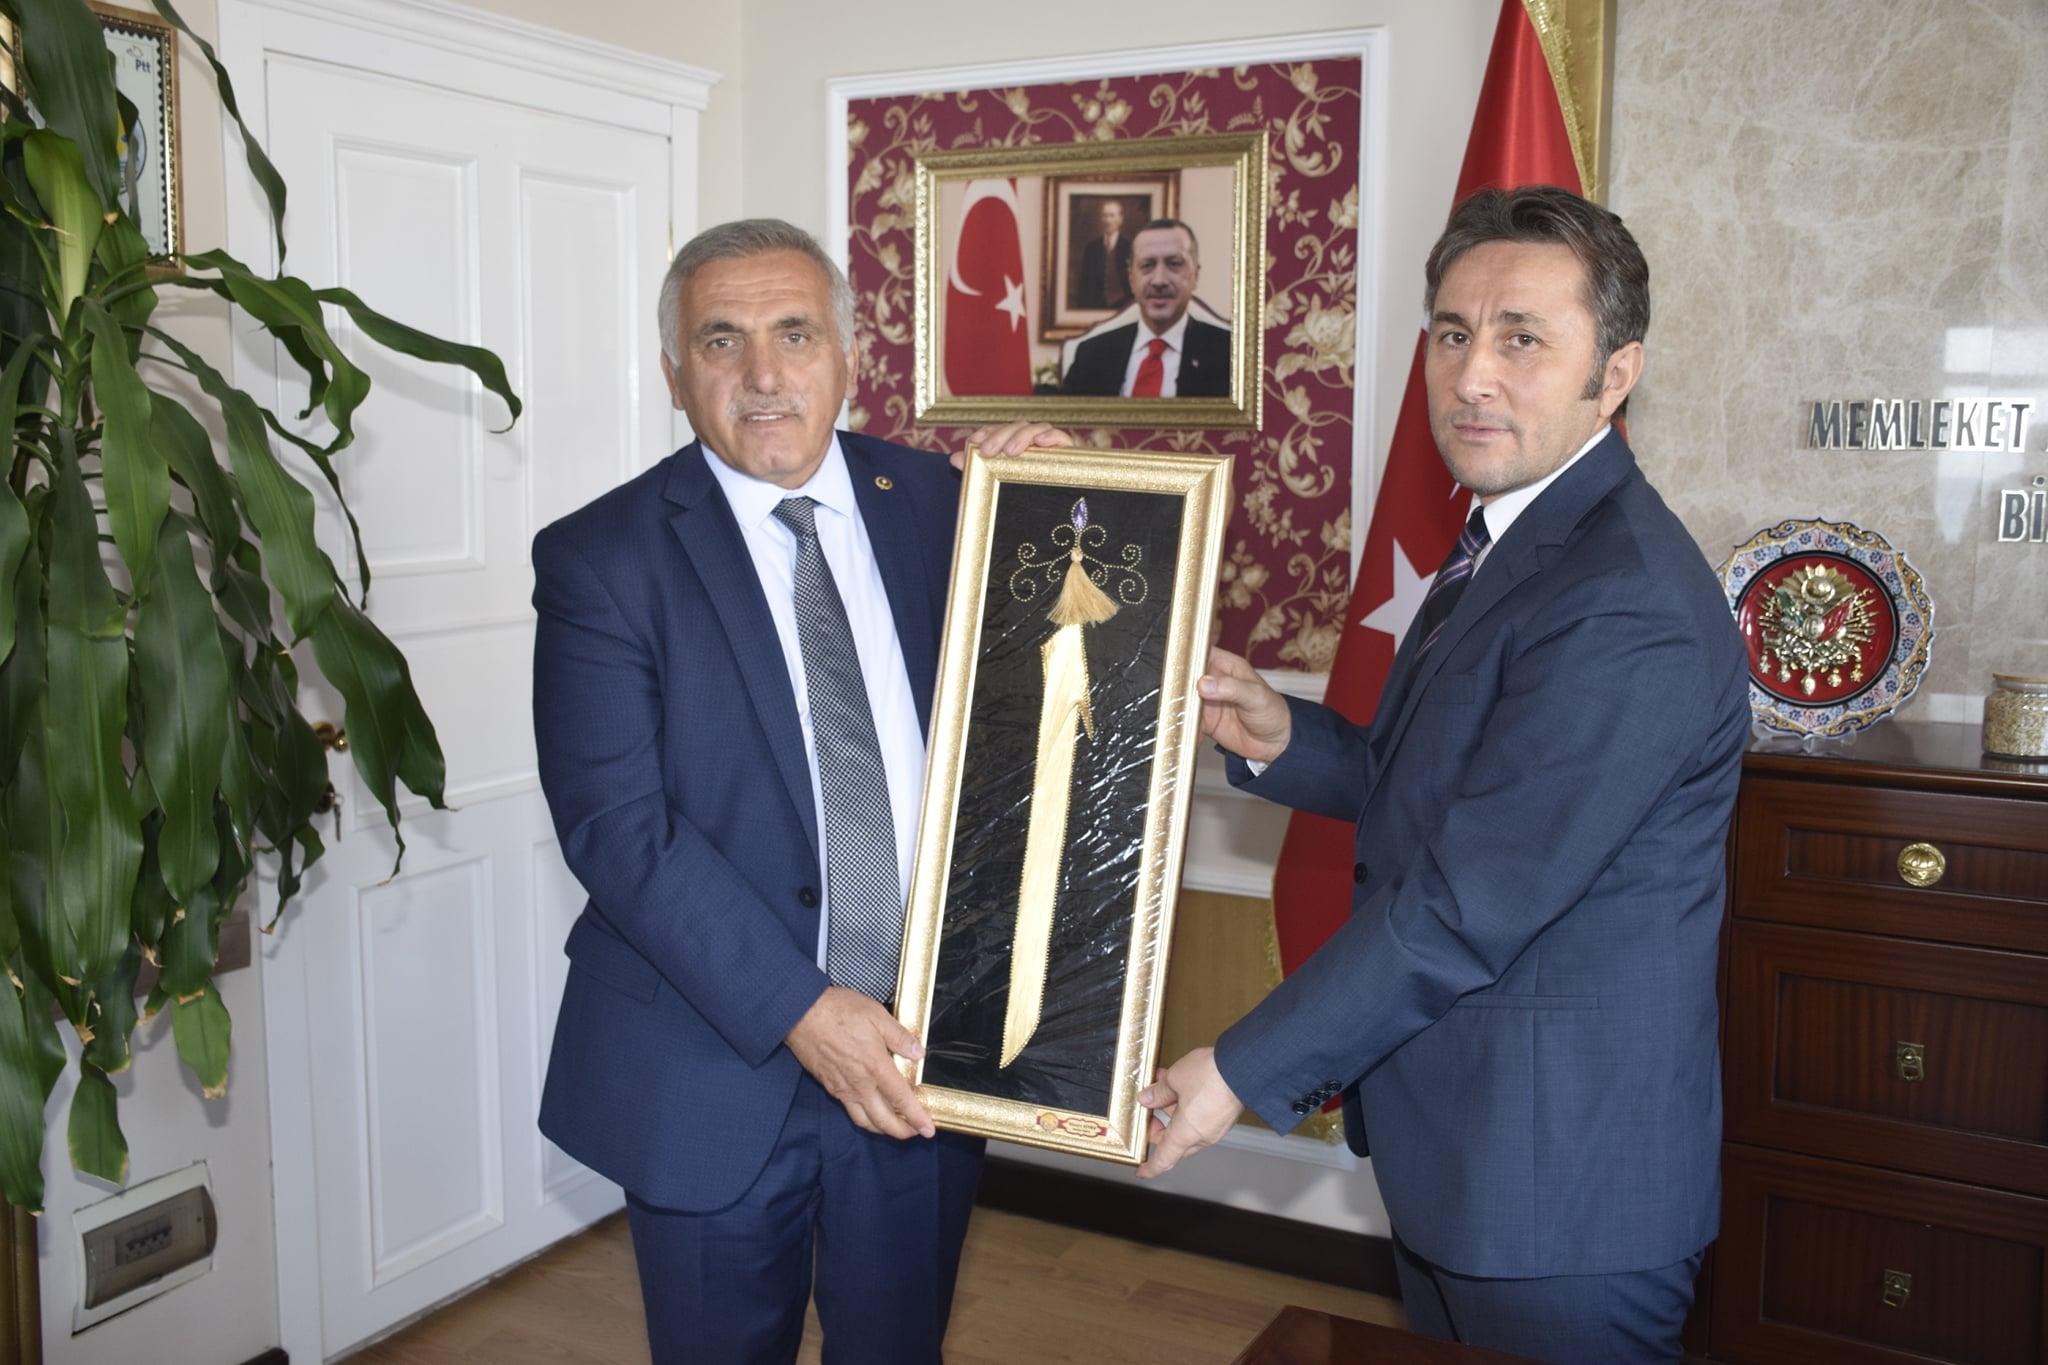 AK Parti Genel Merkez Yerel Yönetimler Başkan Yardımcısı ve Bölge Koordinatörü Sn. Ali İnce'yi belediyemizde ağırladık.